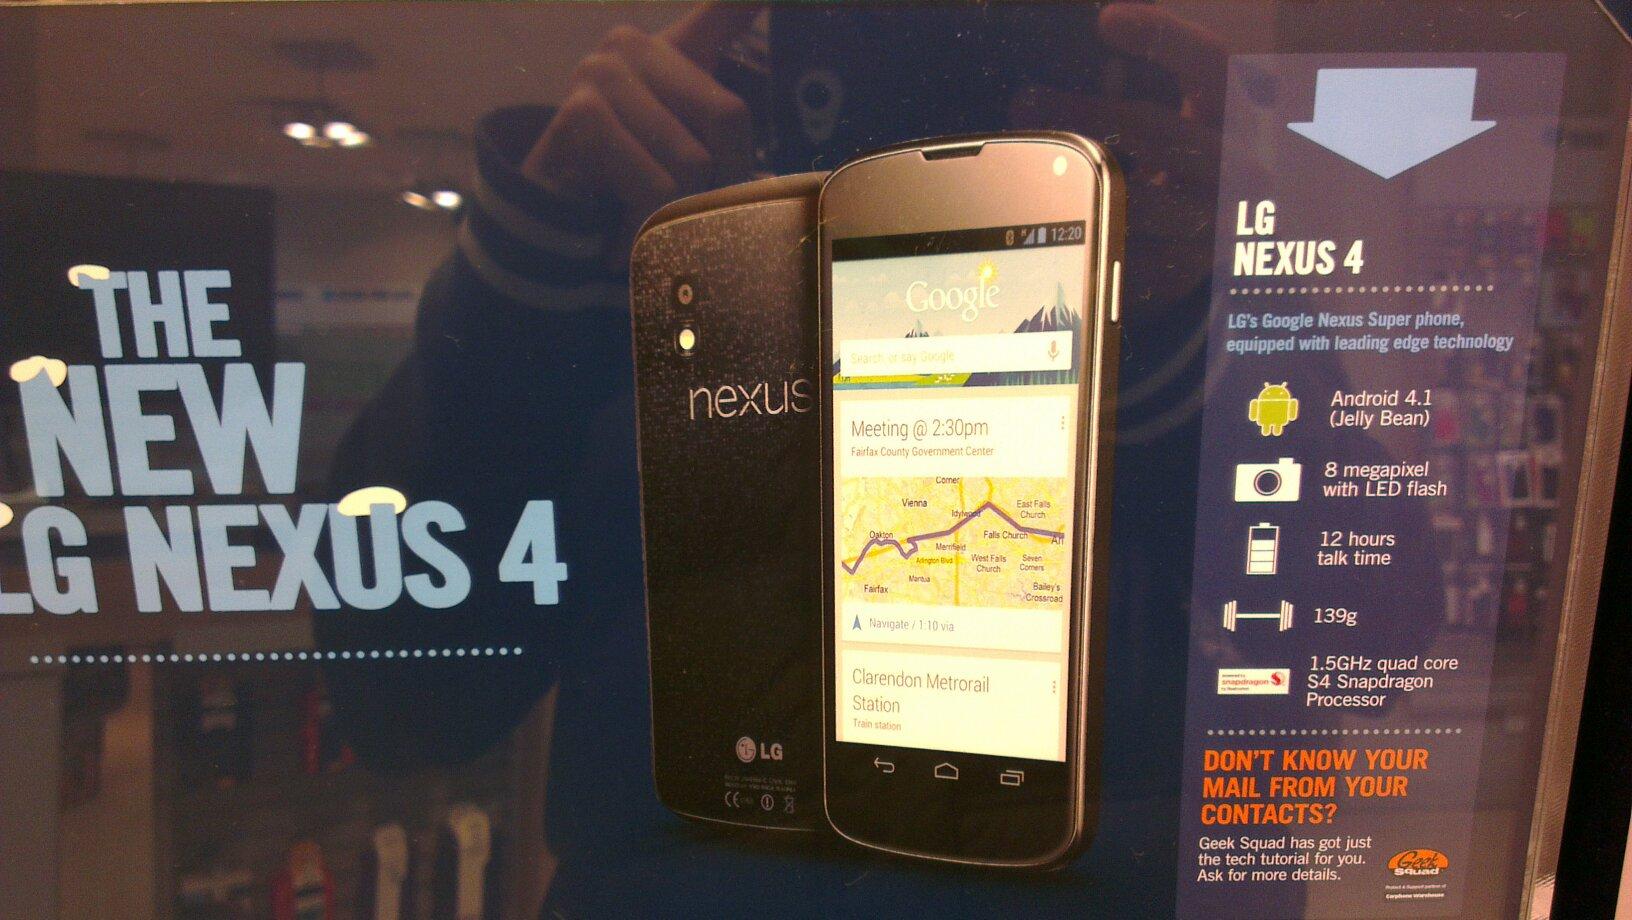 Britse The Phone House plaatst promoposter Nexus 4, bevestigt specificaties en prijs